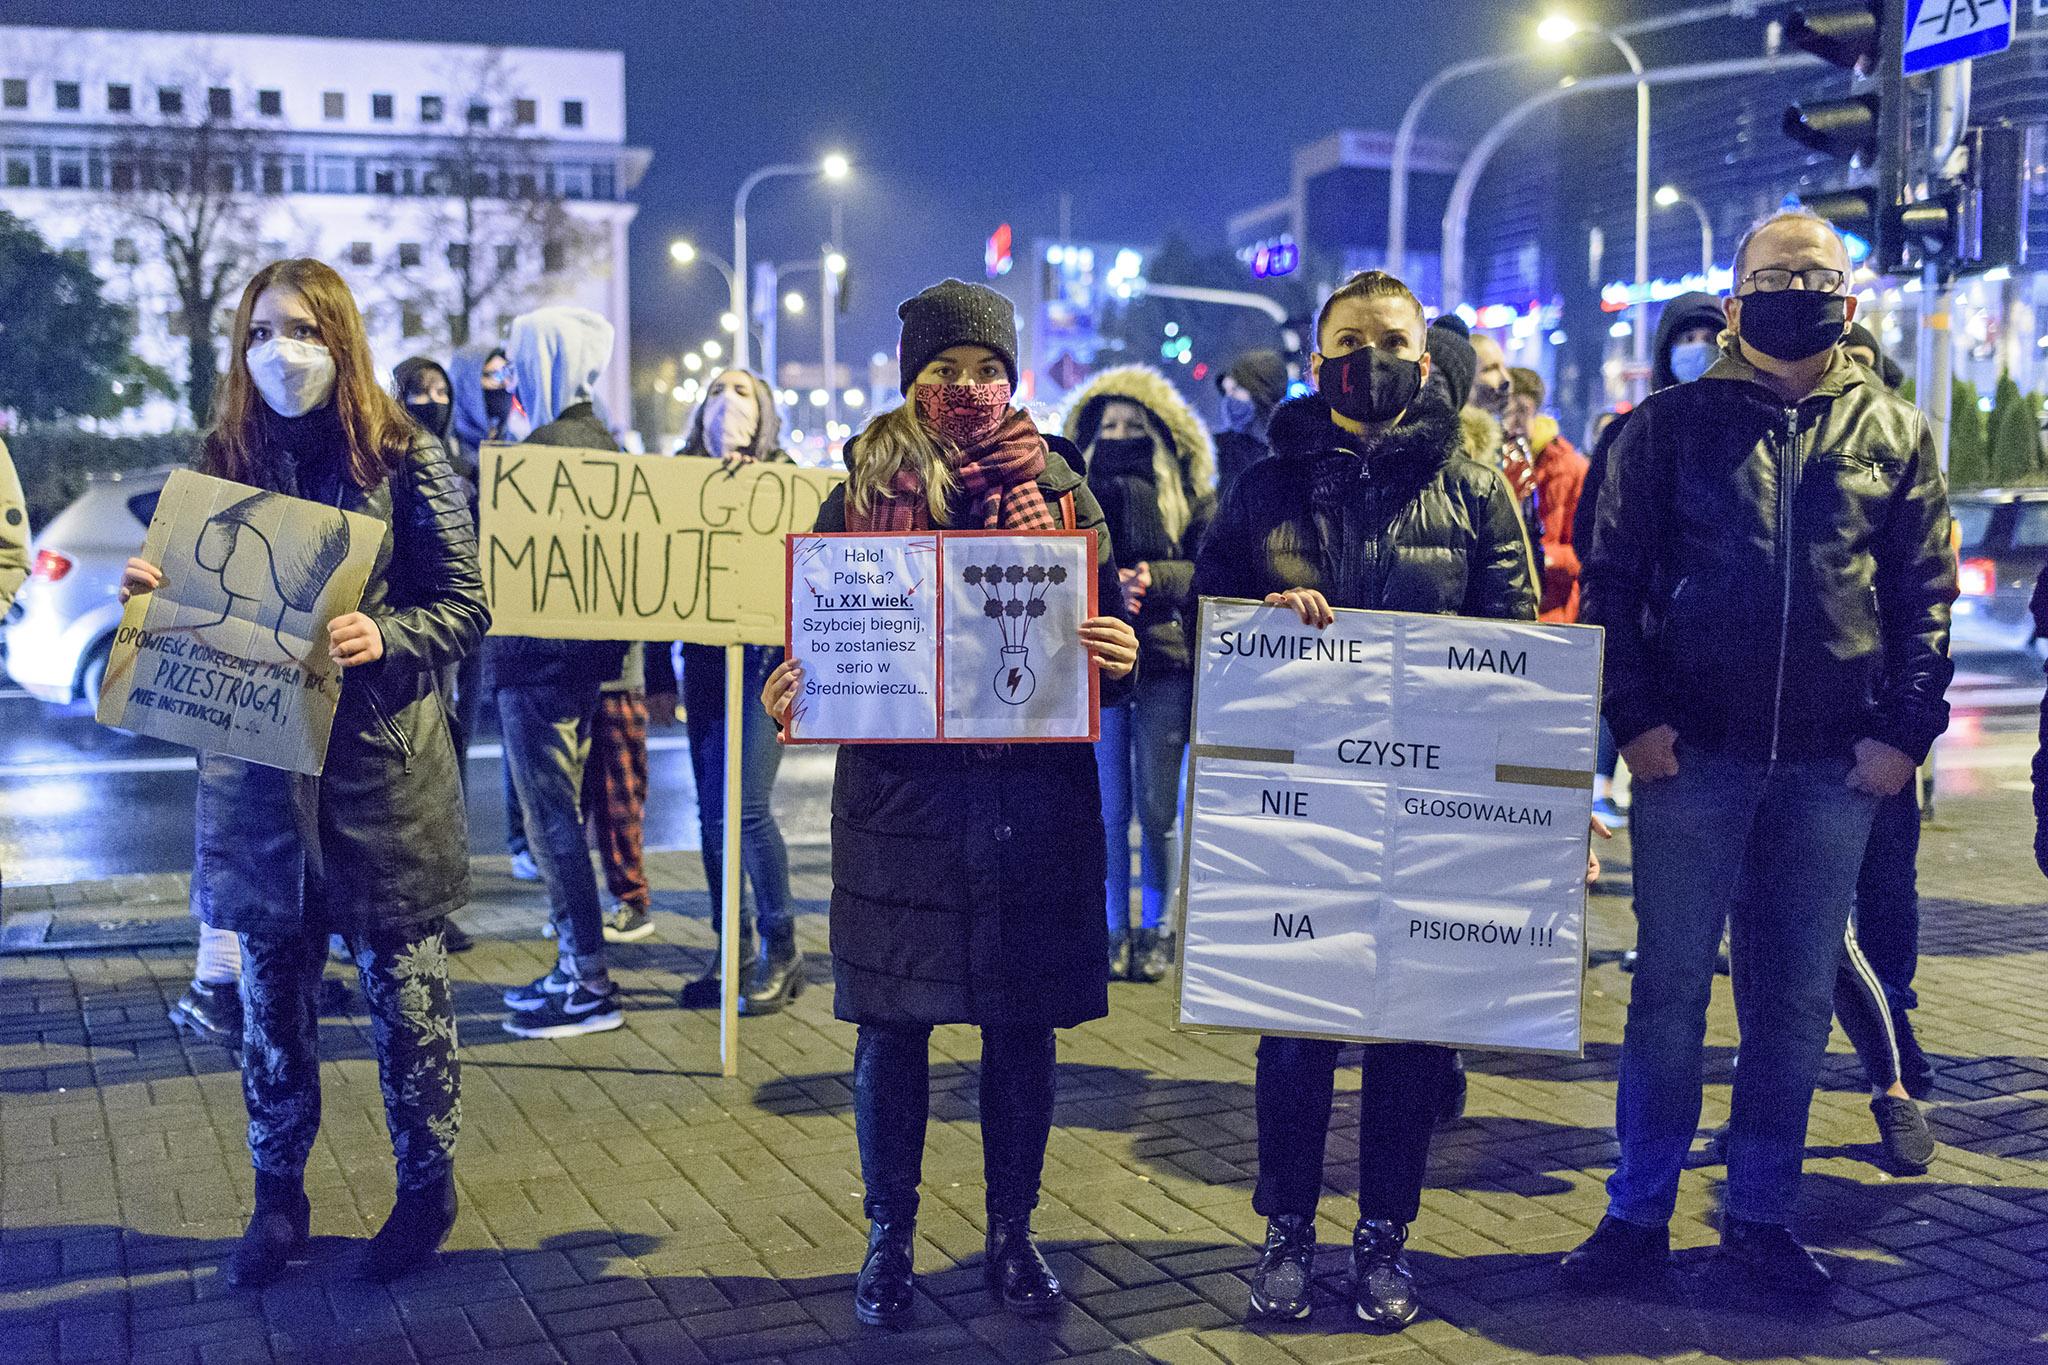 DSC_6675_RZESZOW_NEWS_SEBASTIAN_STANKIEWICZ